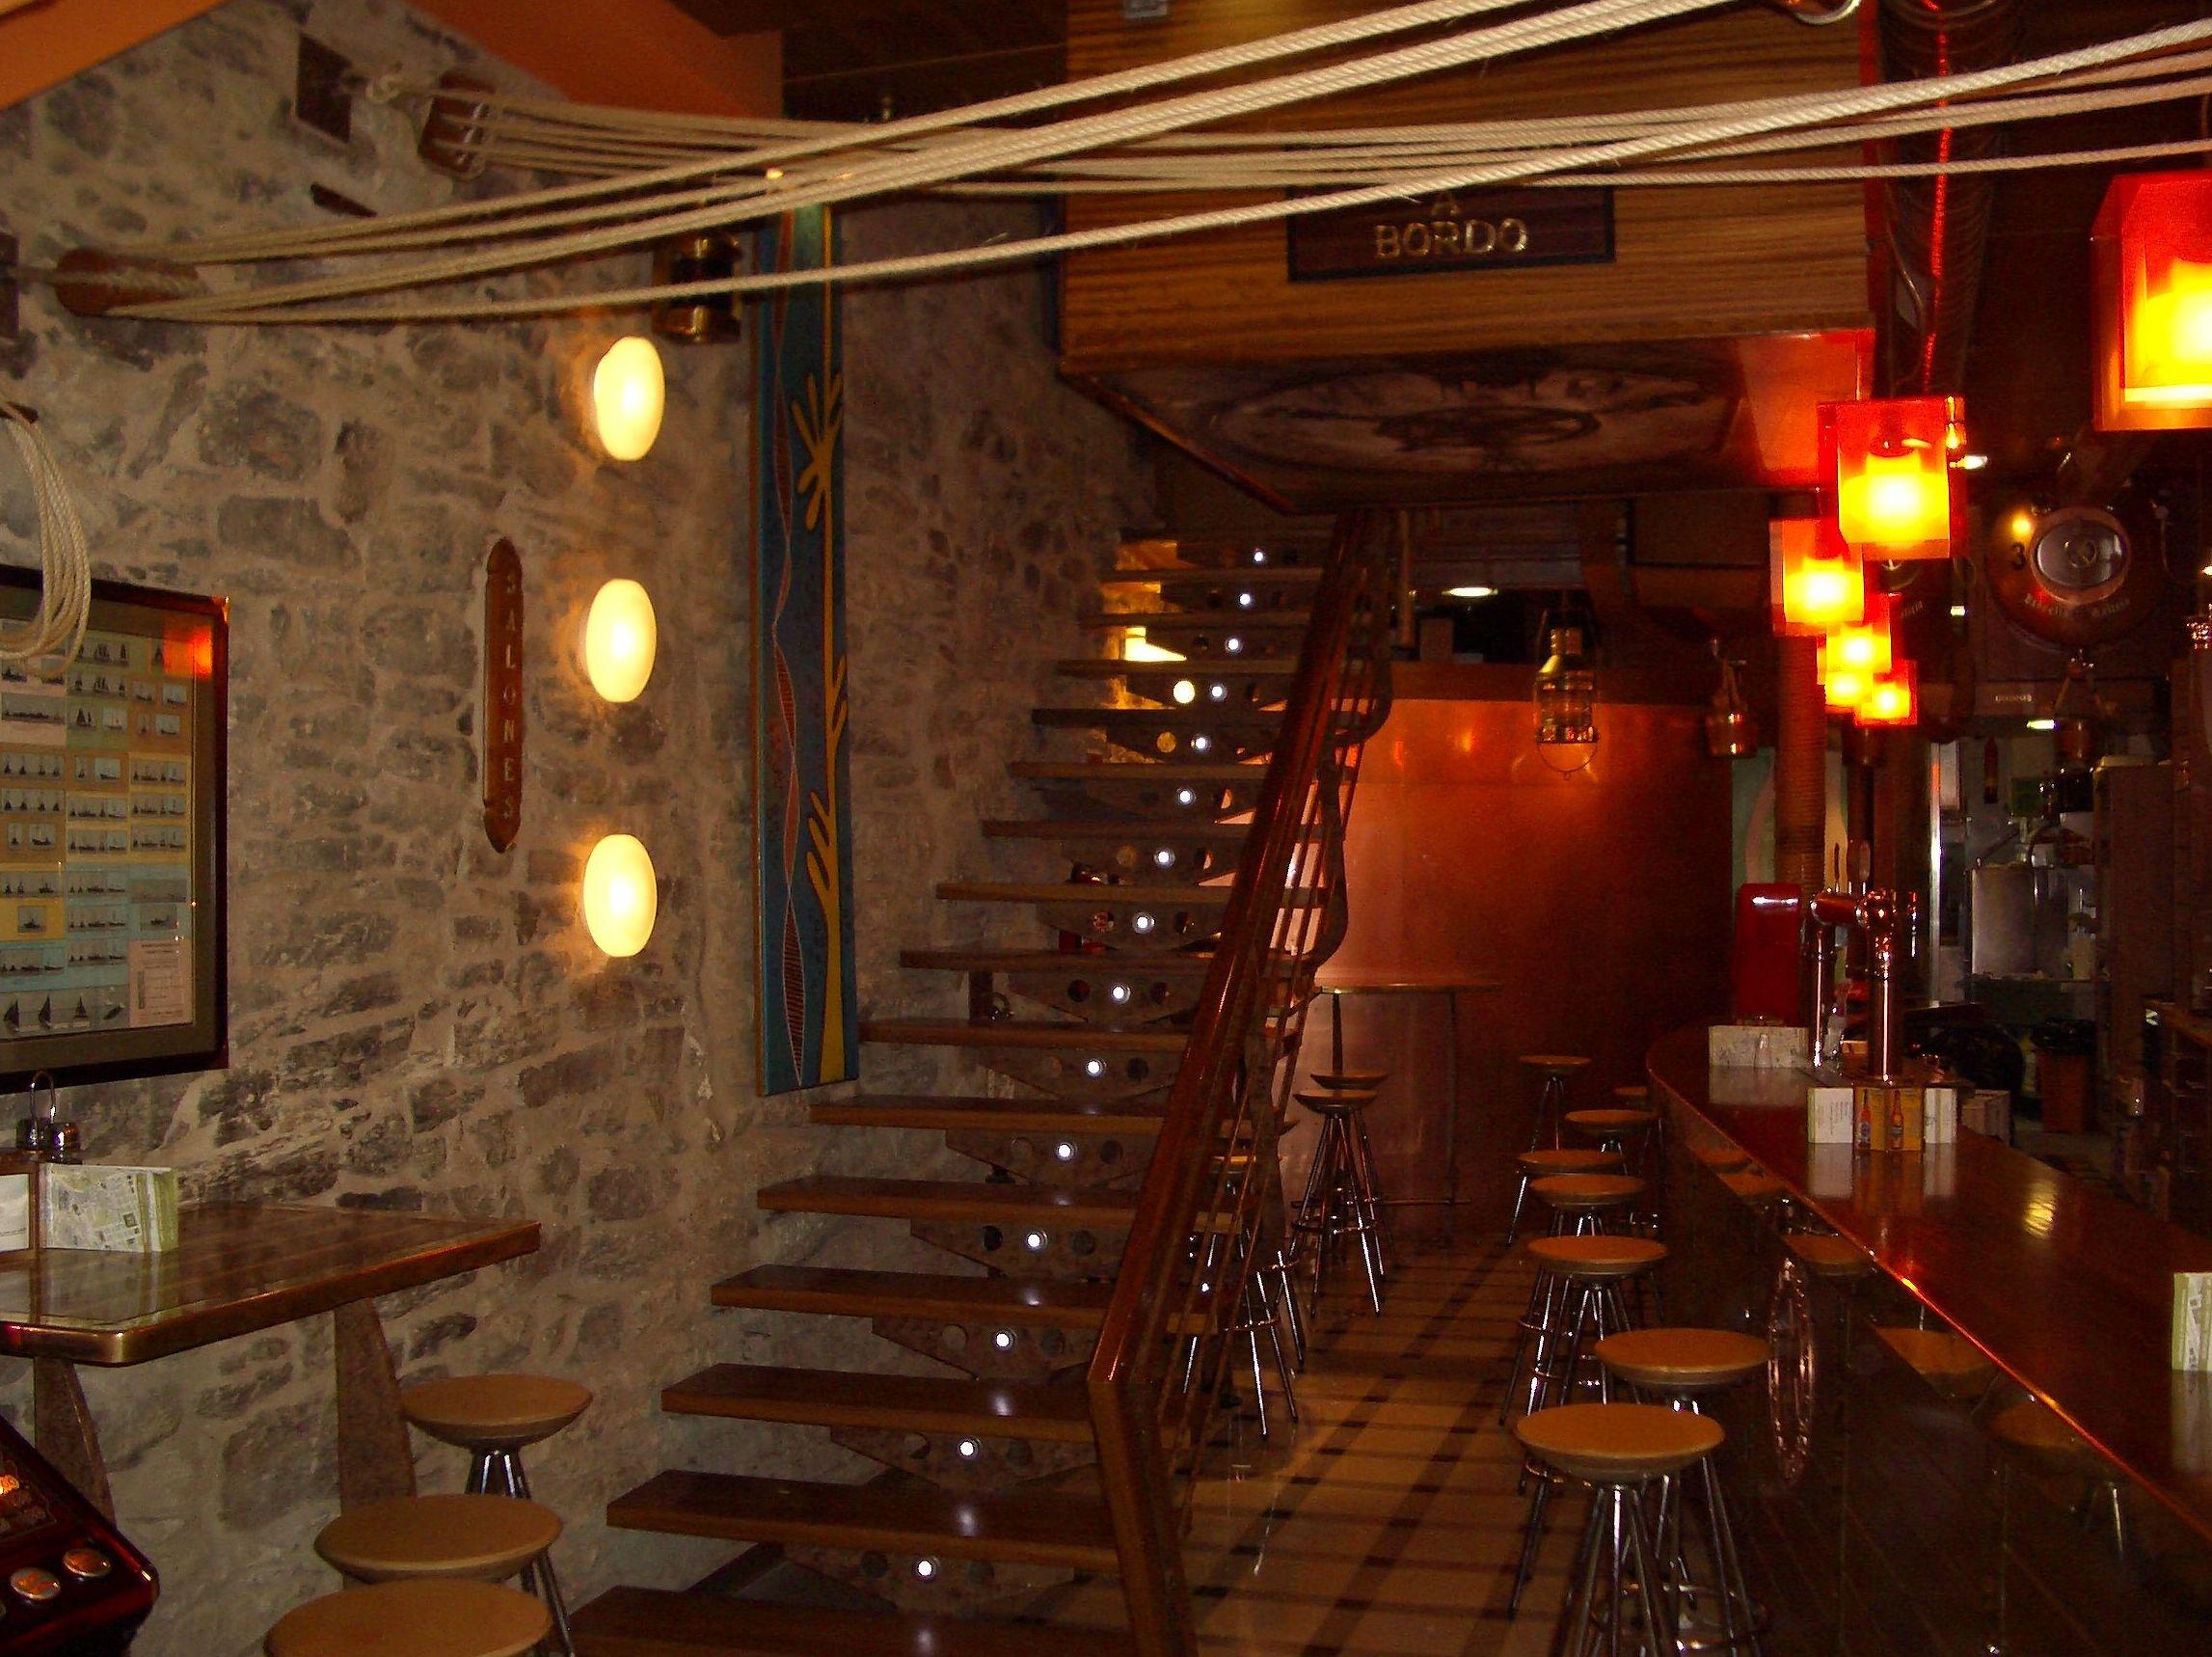 Foto 10 de Cocina tradicional en Santiago de Compostela | Galeón Raíña - Galeón Toural